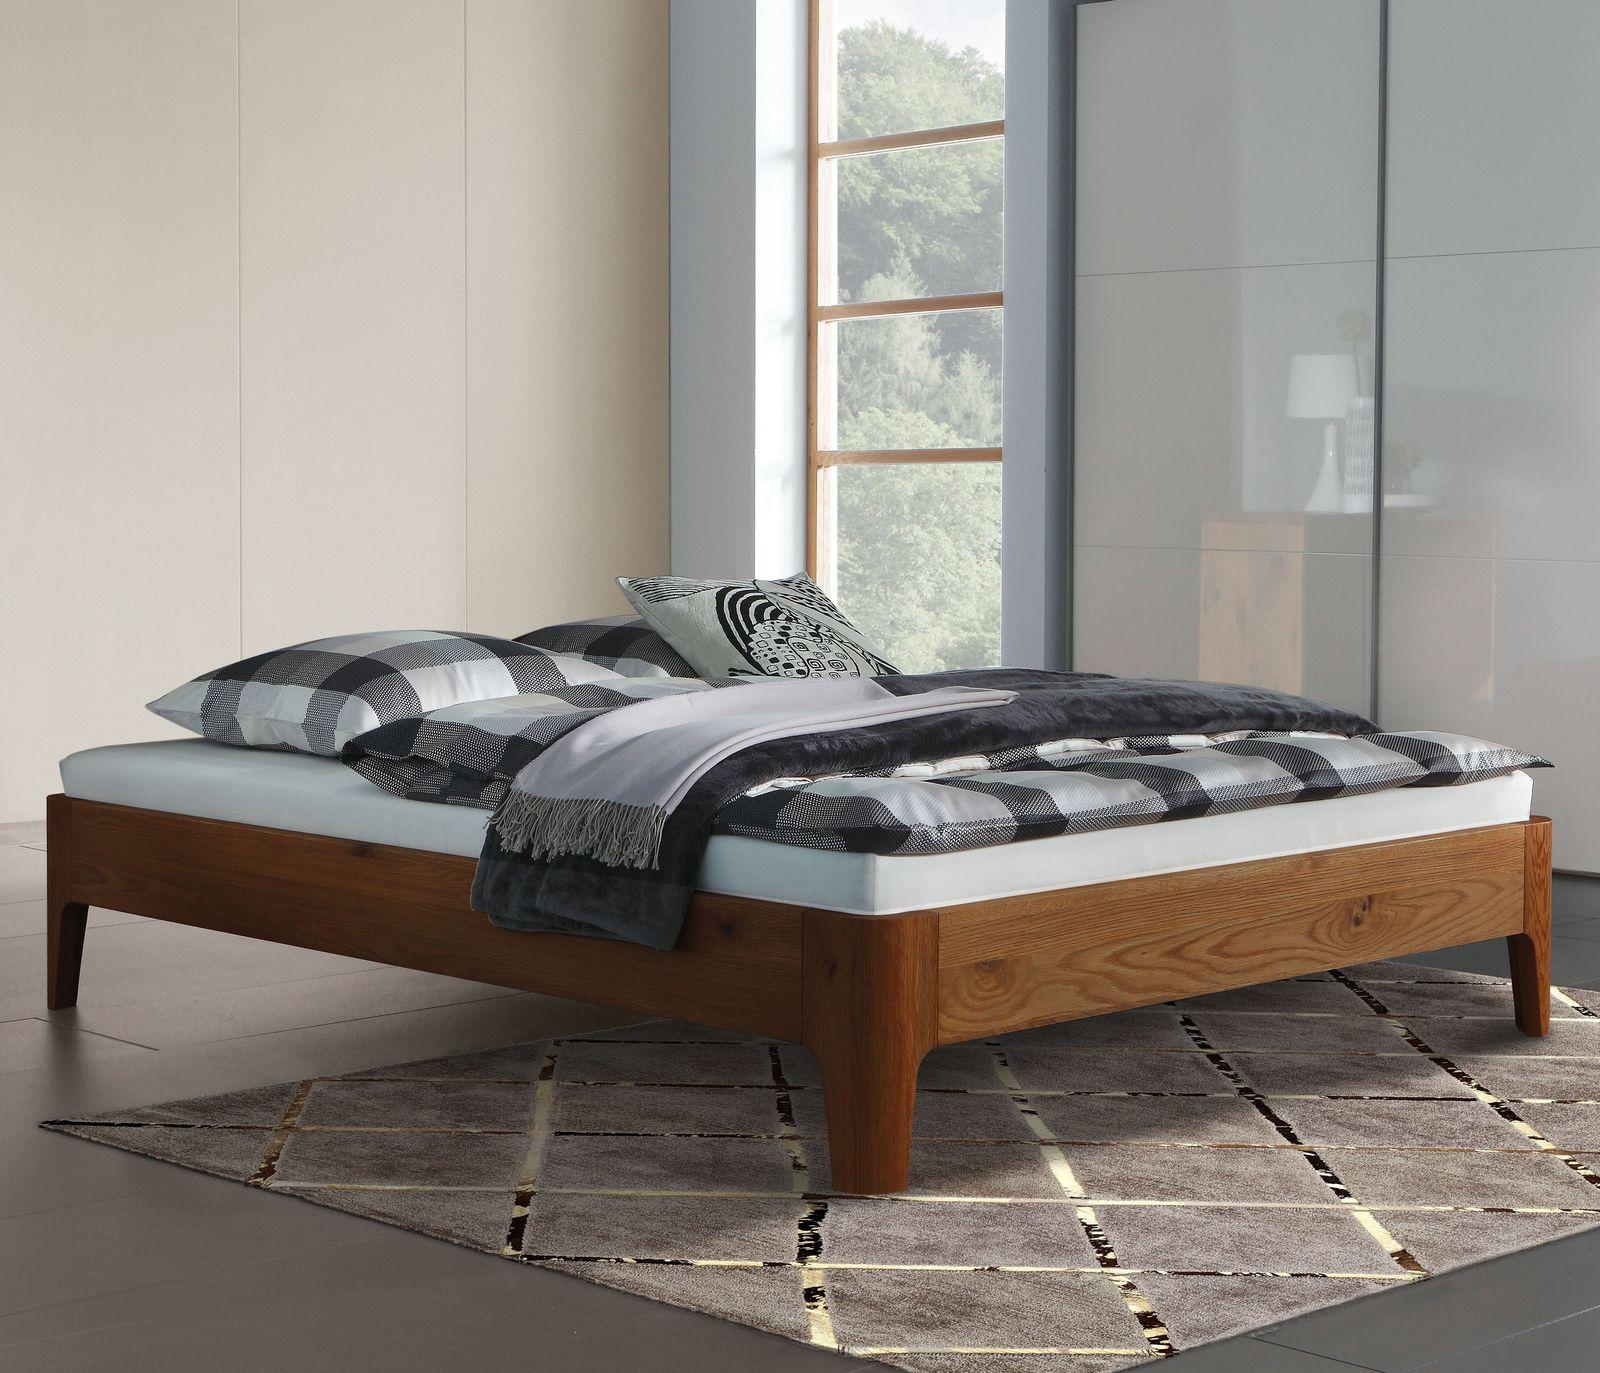 100 schlafzimmer bett unter fenster kleines. Black Bedroom Furniture Sets. Home Design Ideas